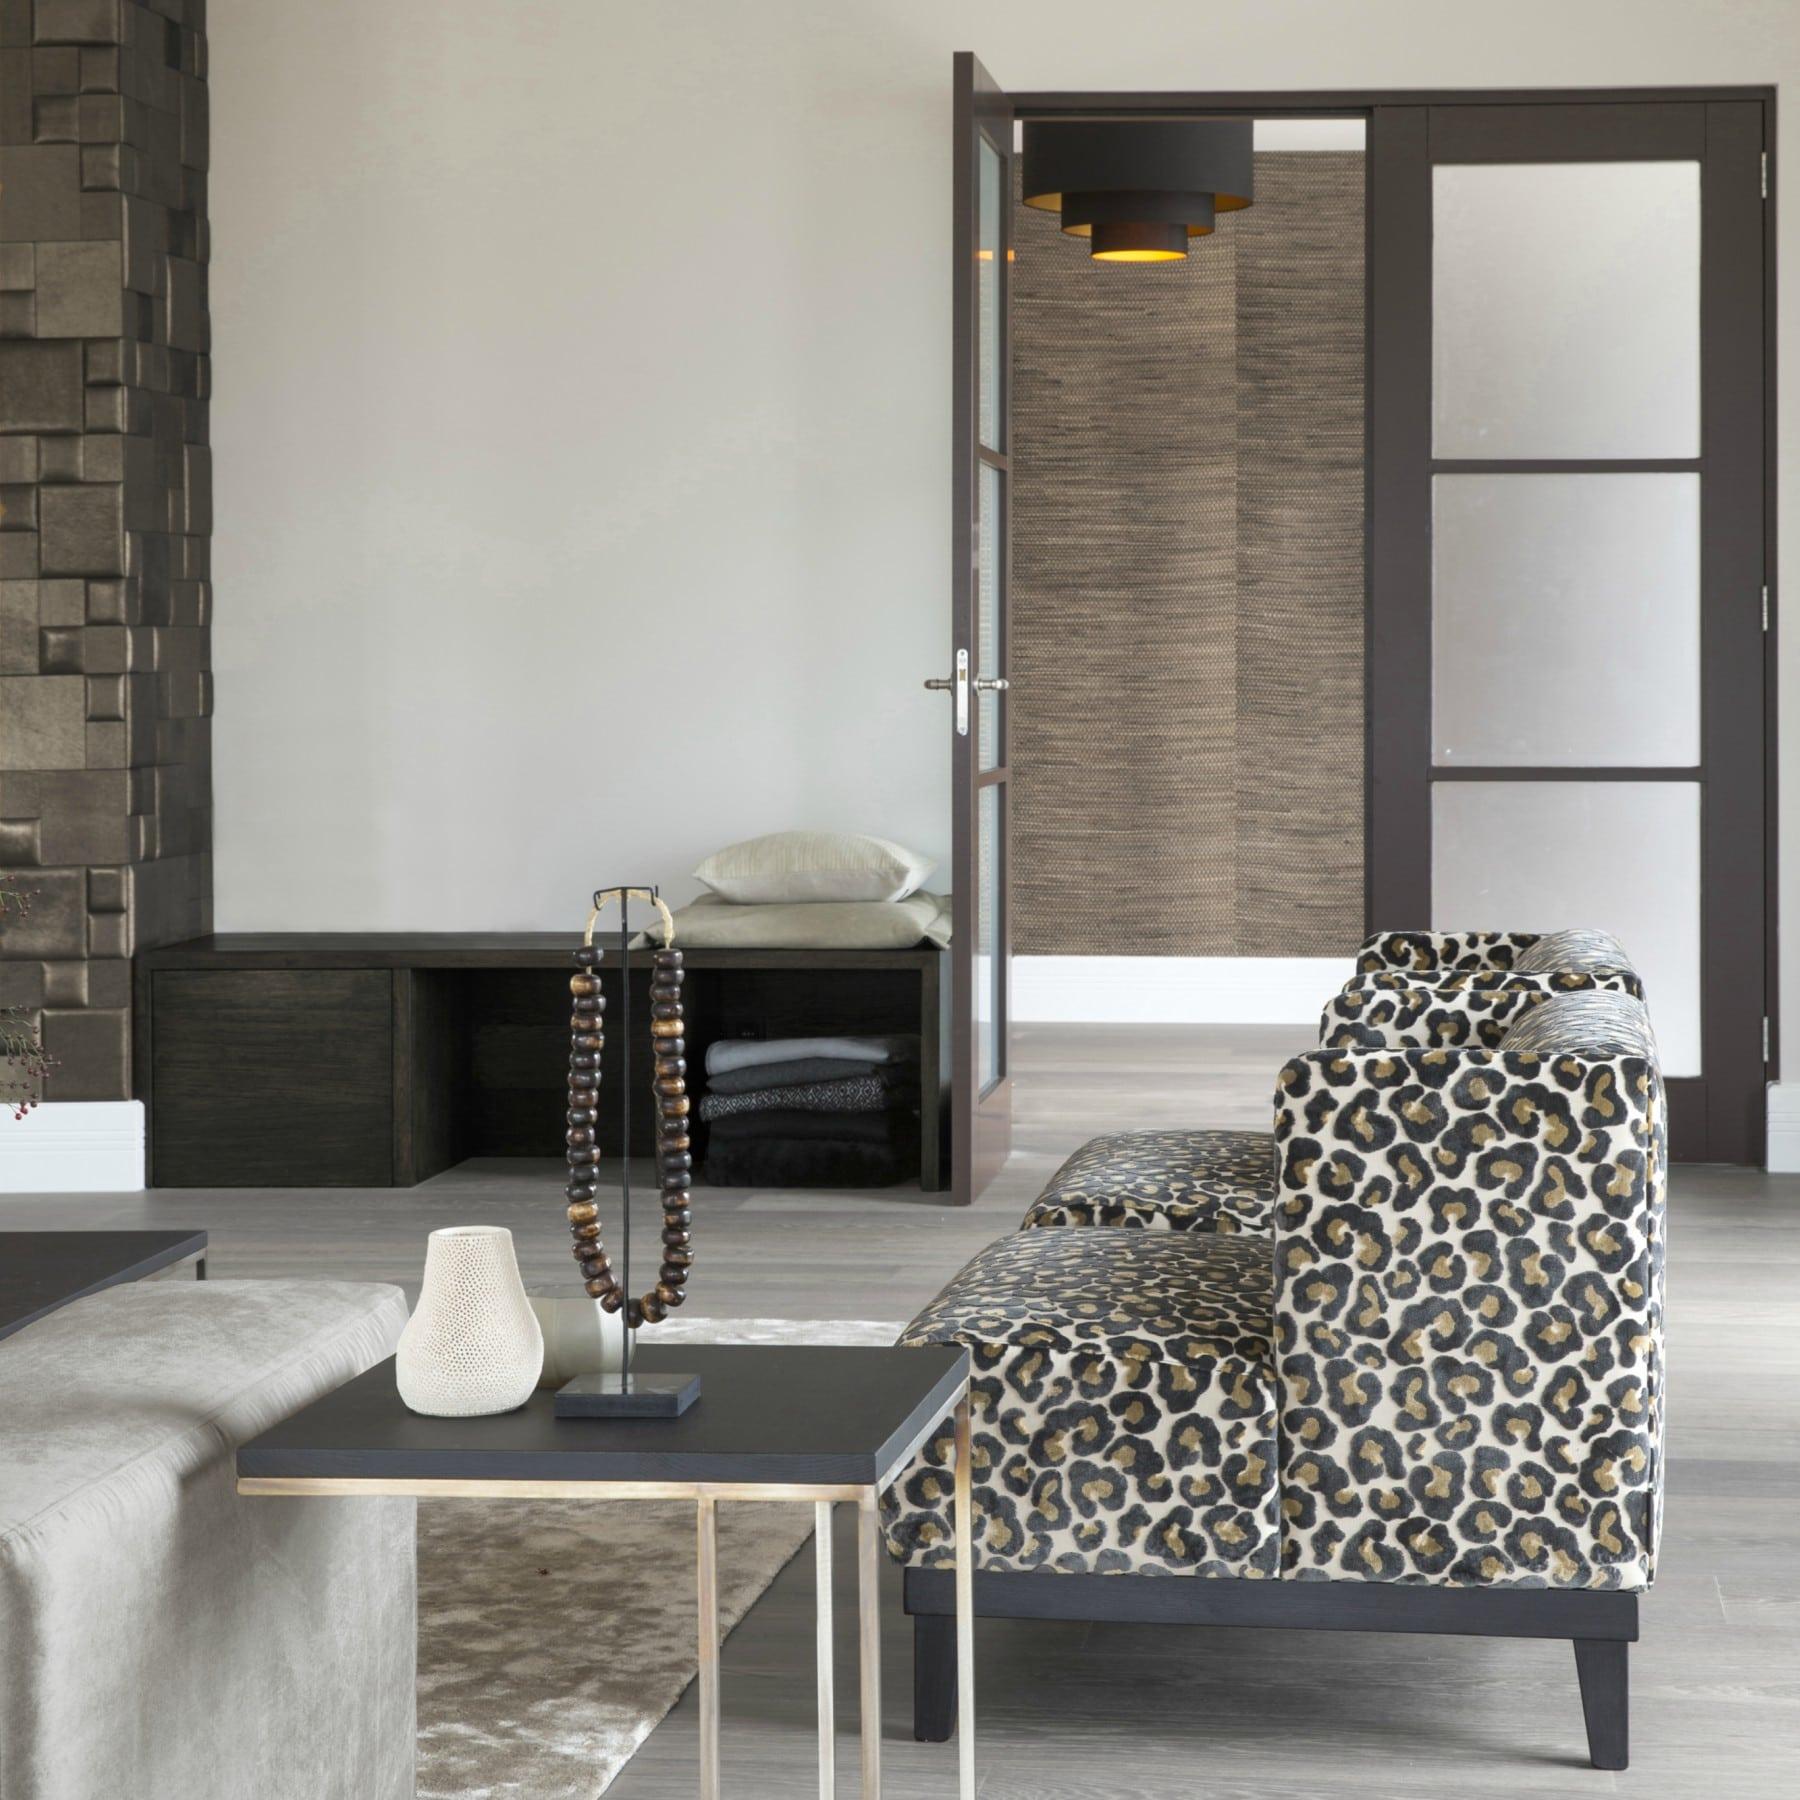 Interieur i binnenkijken i dutch designer mariska jagt bij leem wonen - Entree decoratie interieur ...